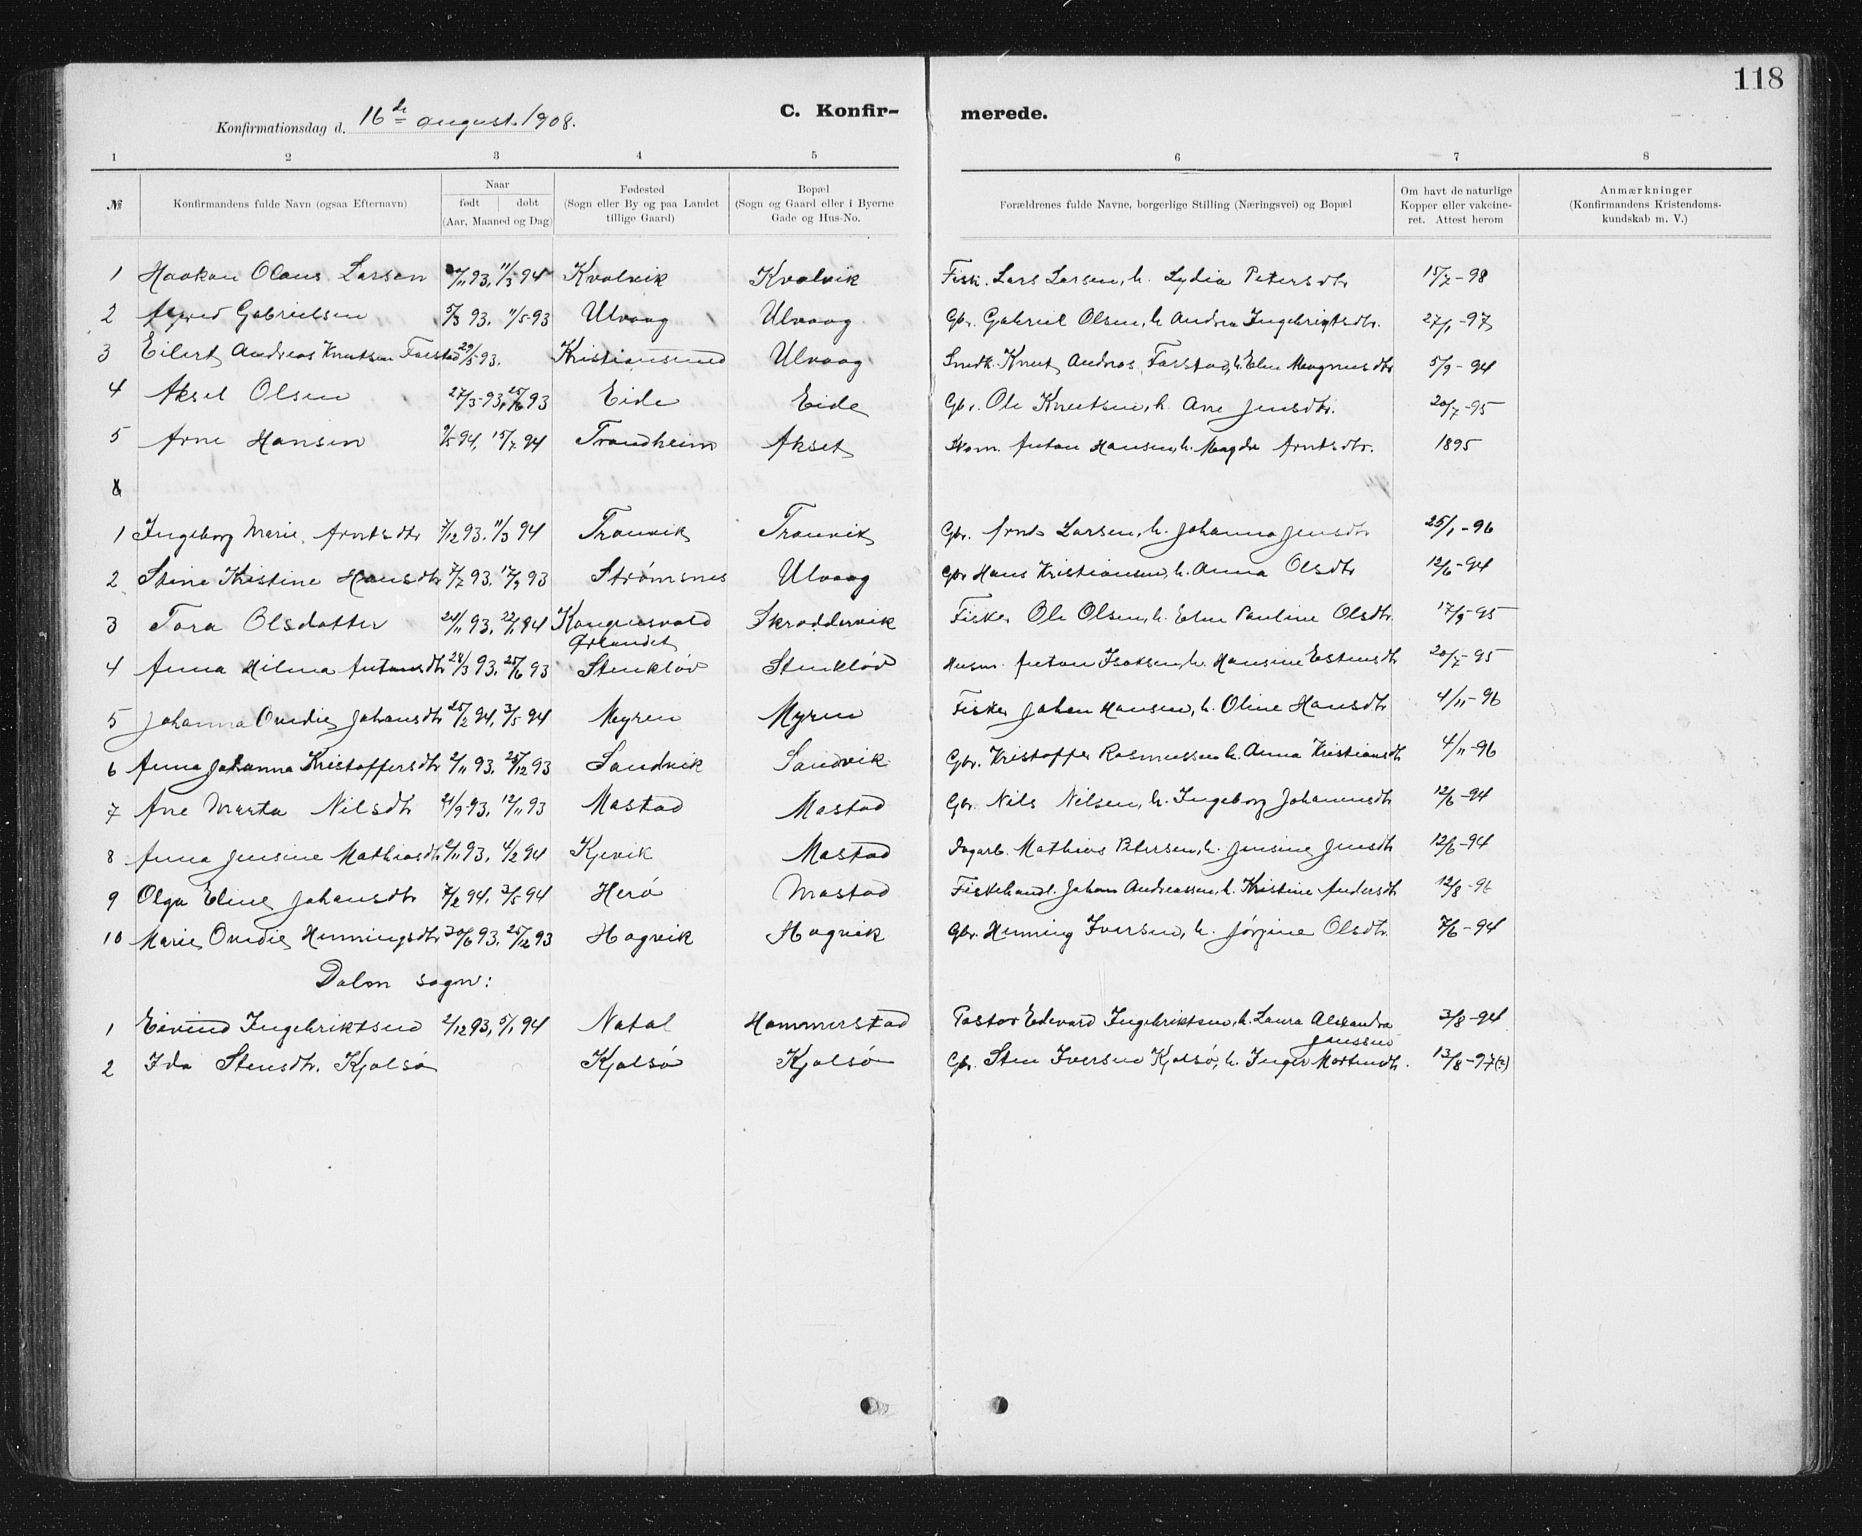 SAT, Ministerialprotokoller, klokkerbøker og fødselsregistre - Sør-Trøndelag, 637/L0563: Klokkerbok nr. 637C04, 1899-1940, s. 118